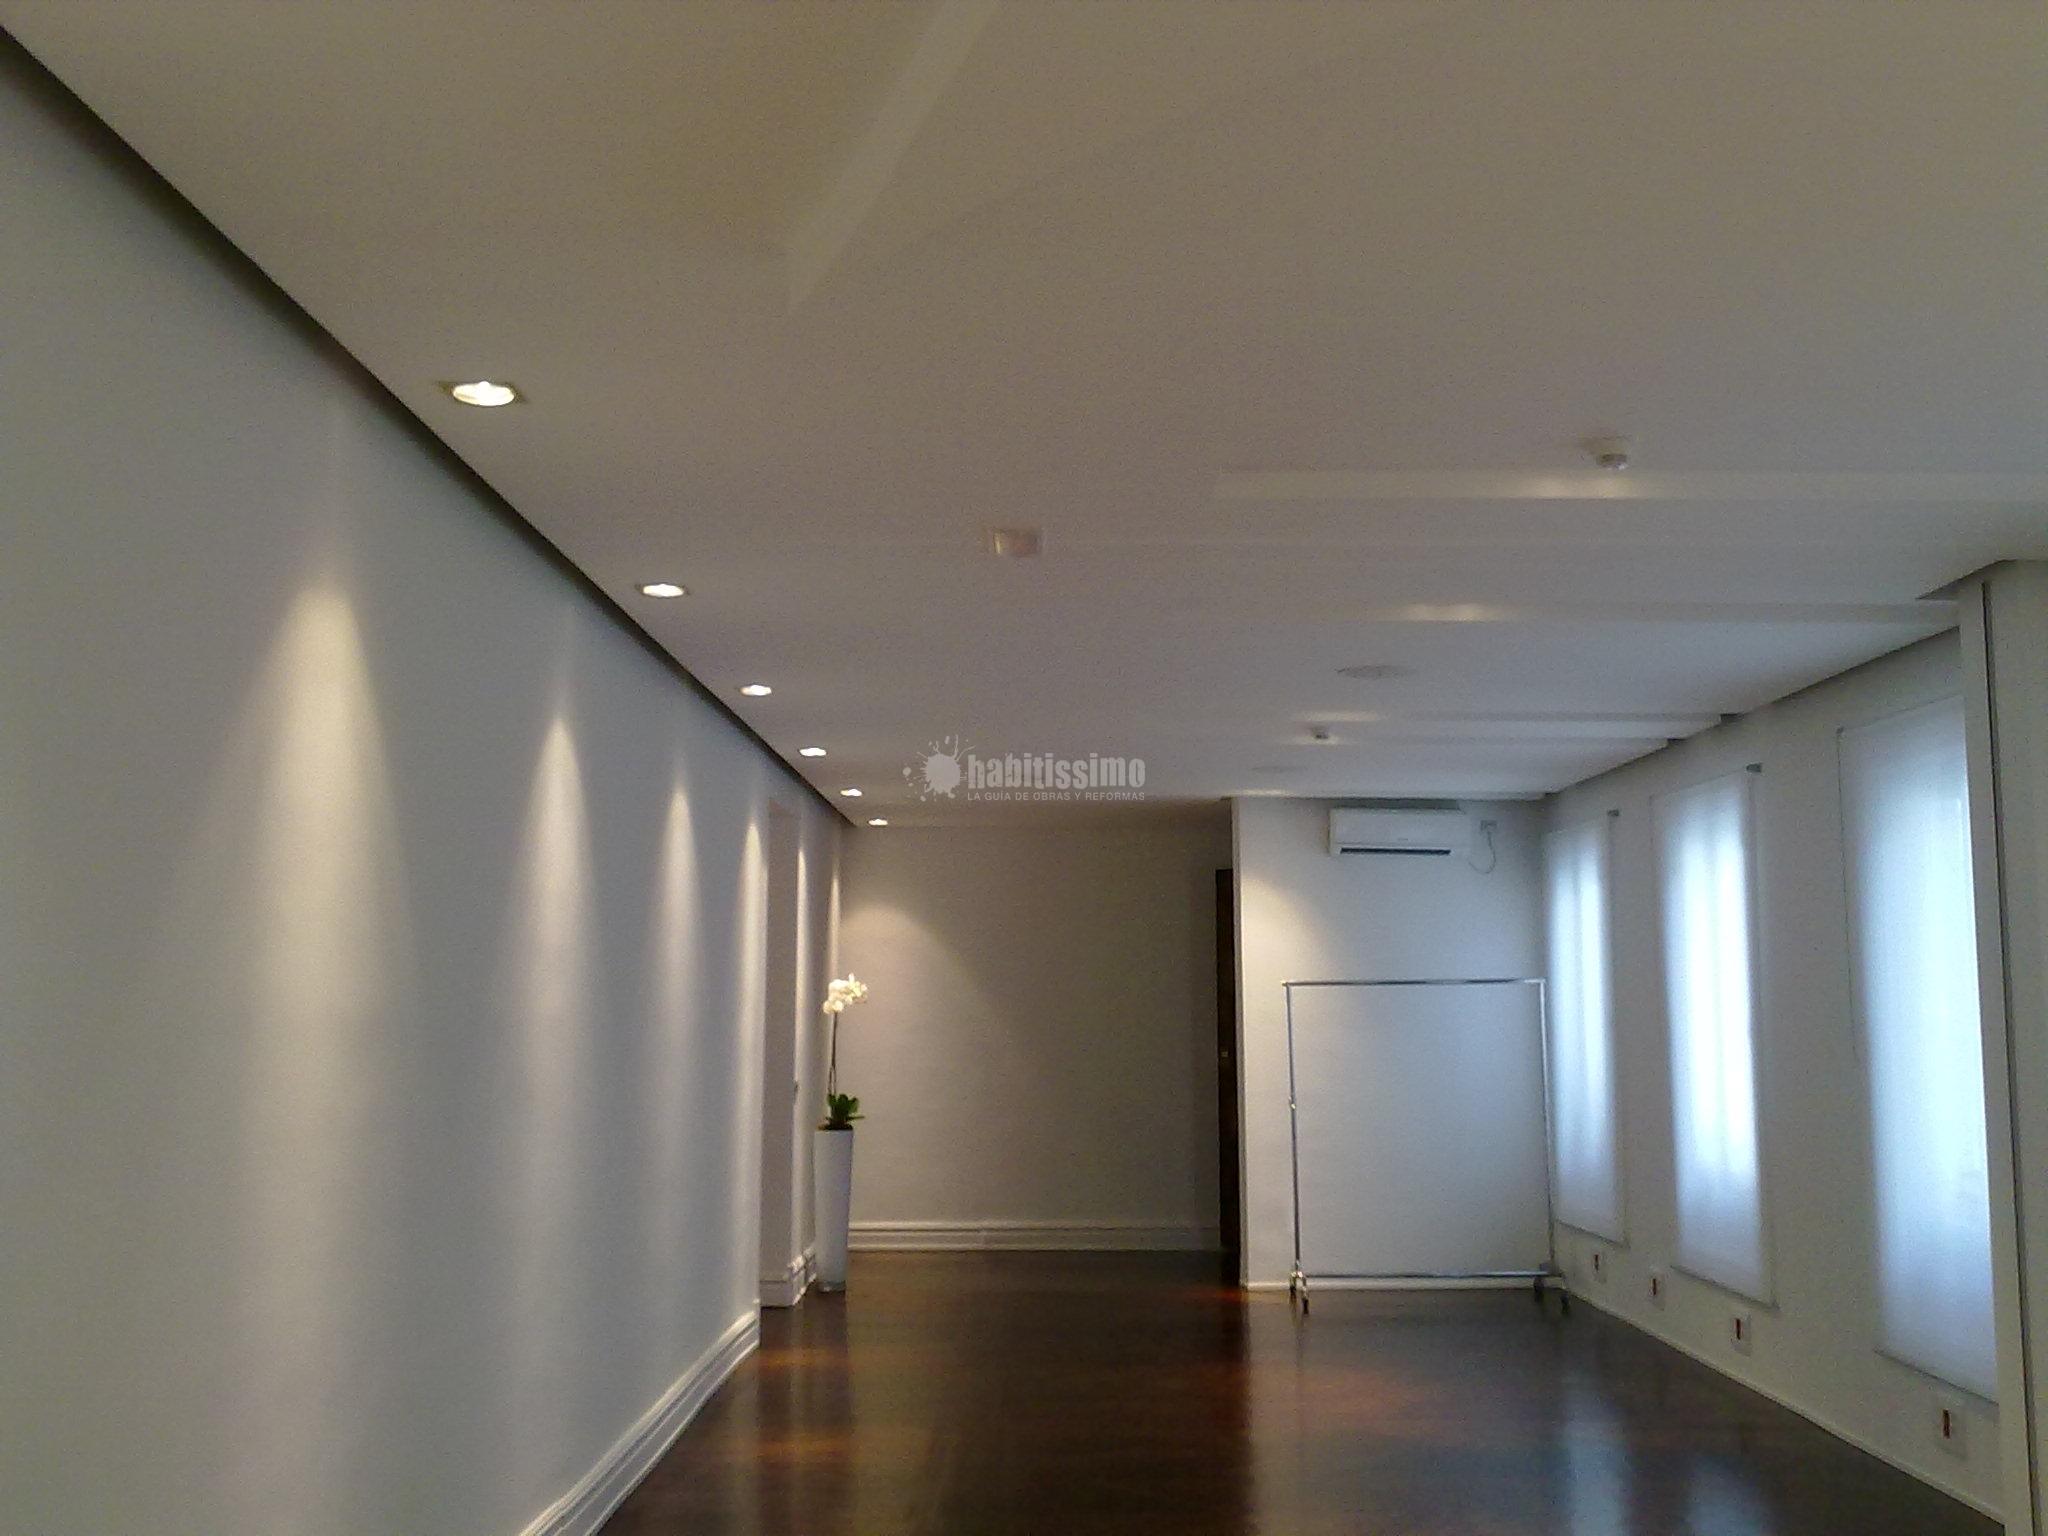 Proyecto de reforma de techos y suministro de iluminaci n - Lamparas techos altos ...